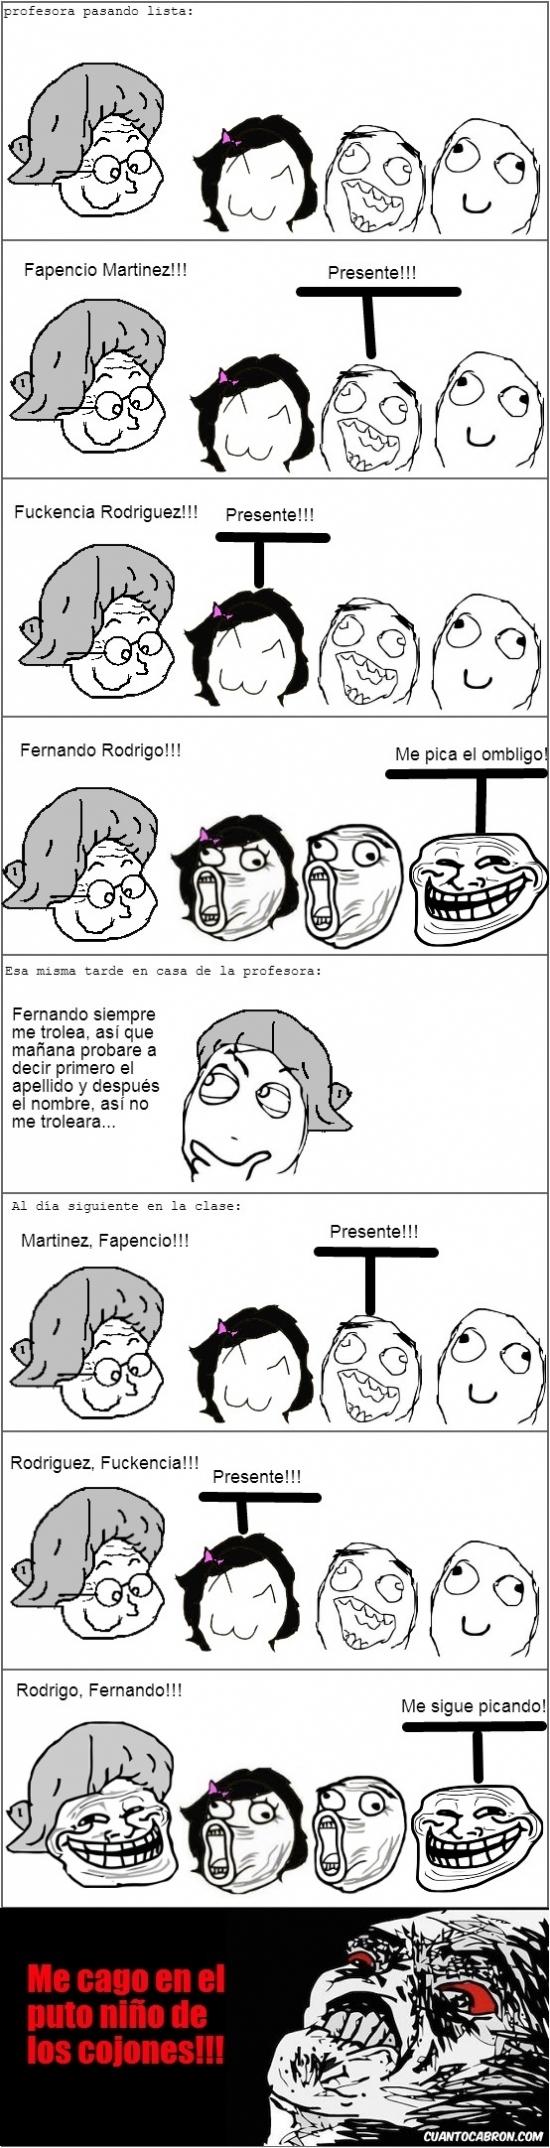 Trollface - Malditos alumnos...